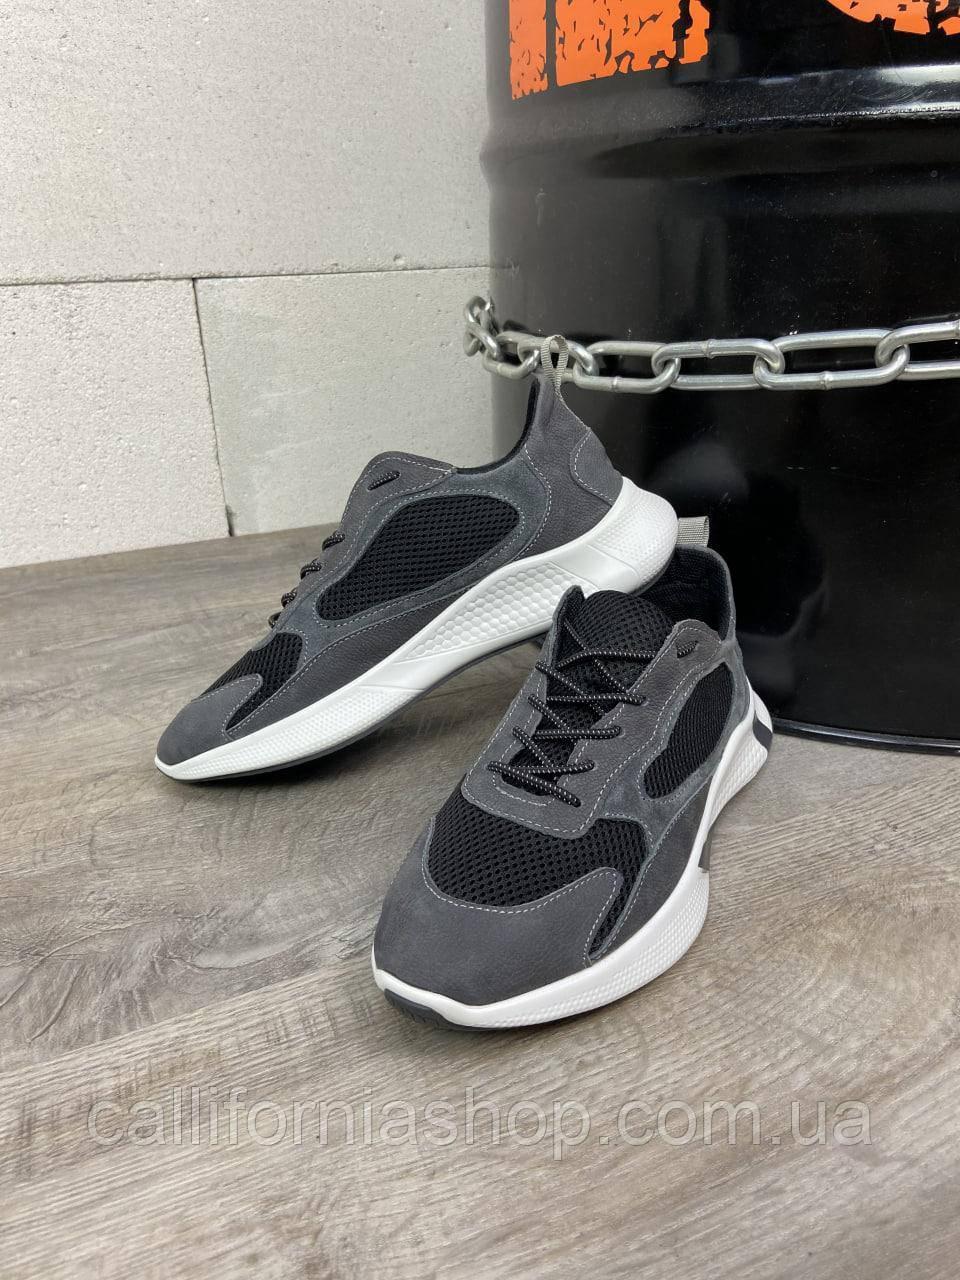 Мужские кроссовки из натуральной замши с сеткой цвет серый с черным летние